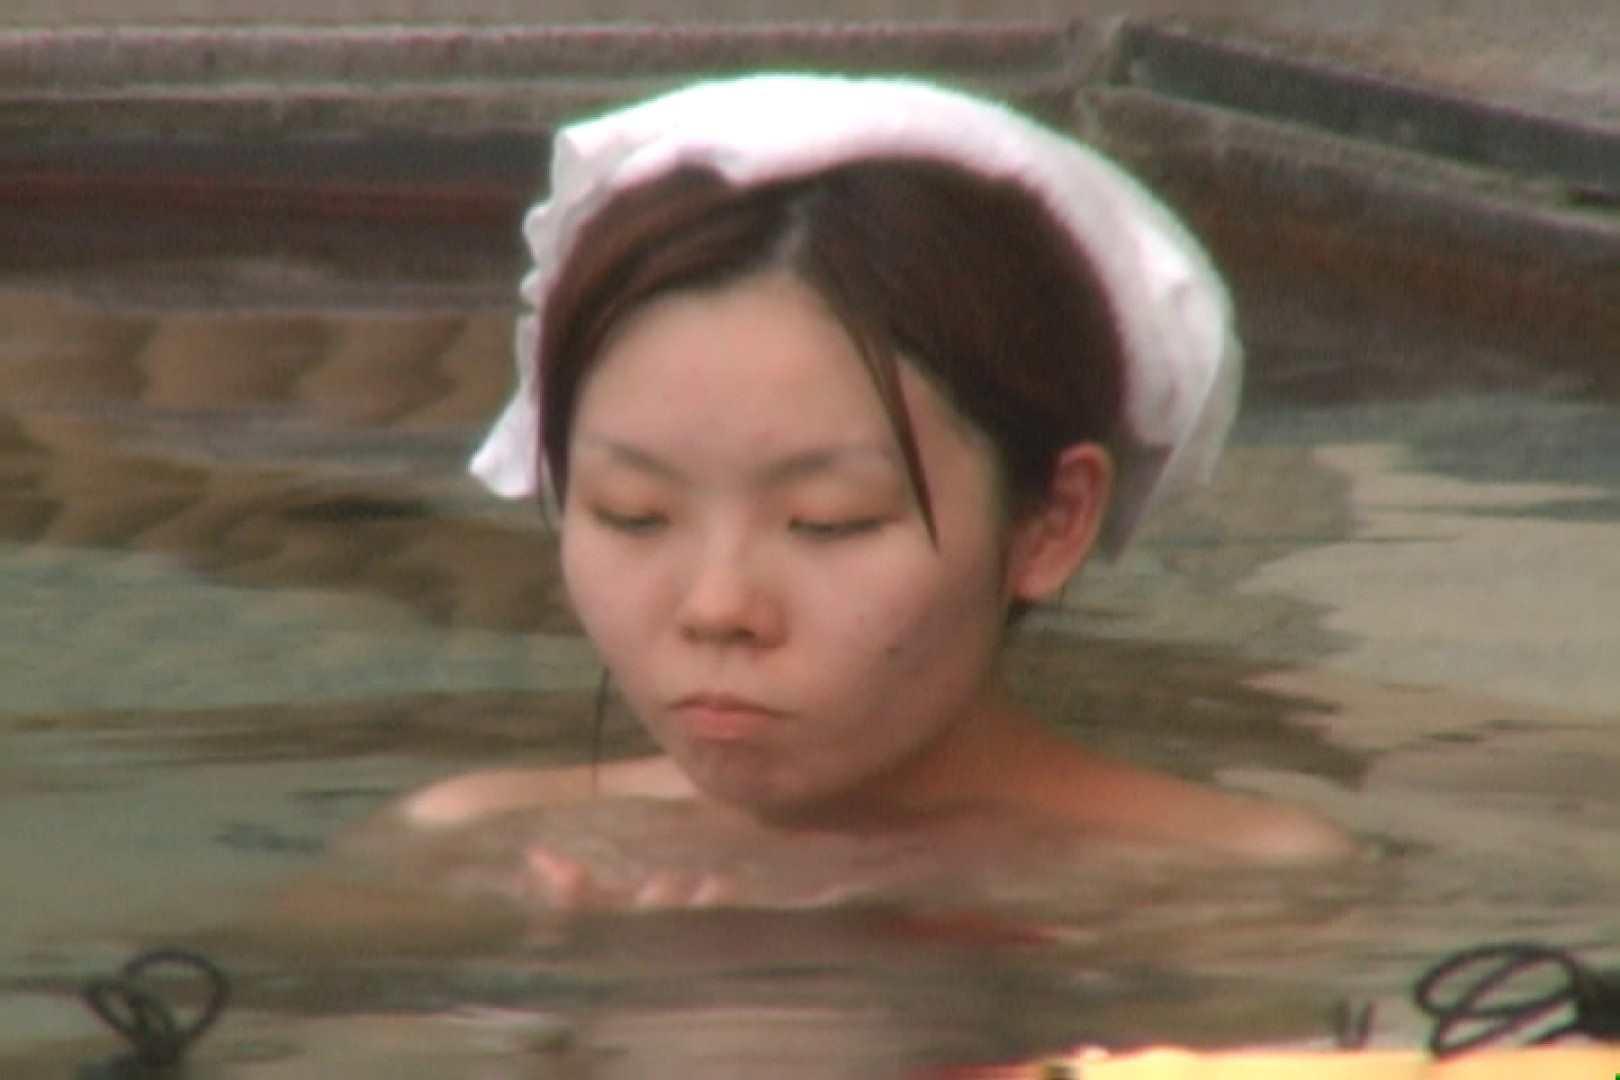 Aquaな露天風呂Vol.580 0   0  103pic 99